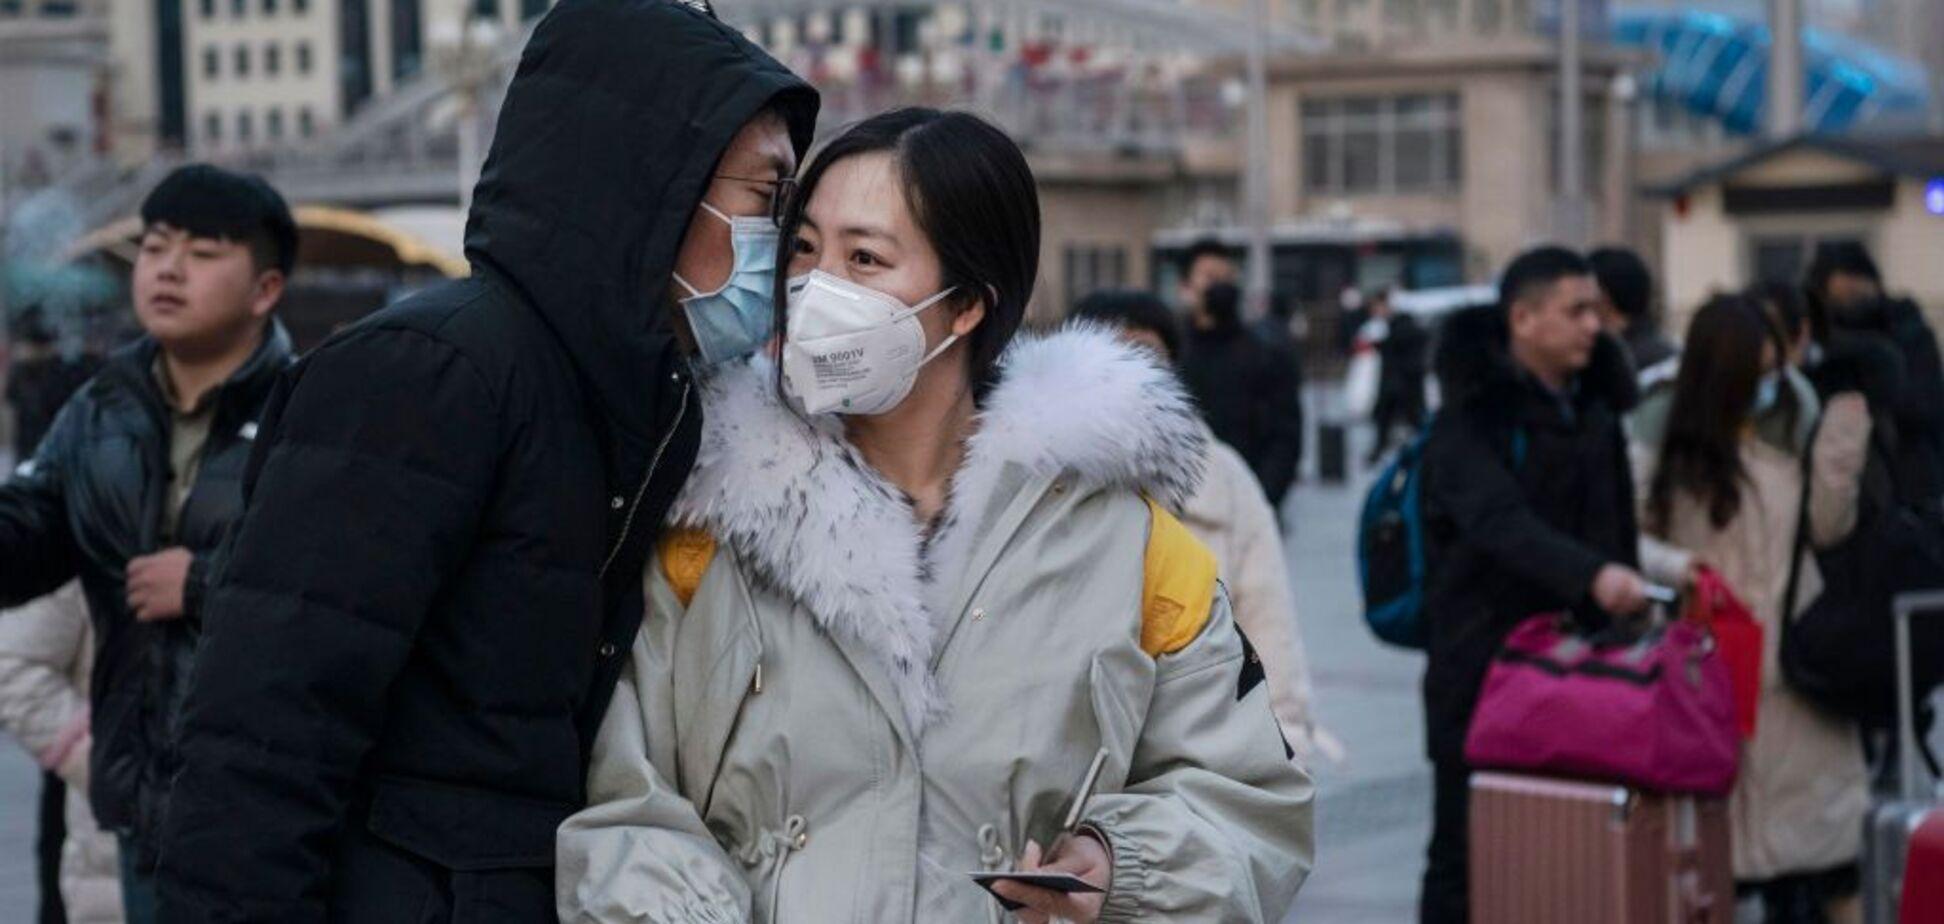 Коронавірус з Китаю: МОЗ не розпорядився посилити перевірки в українських аеропортах